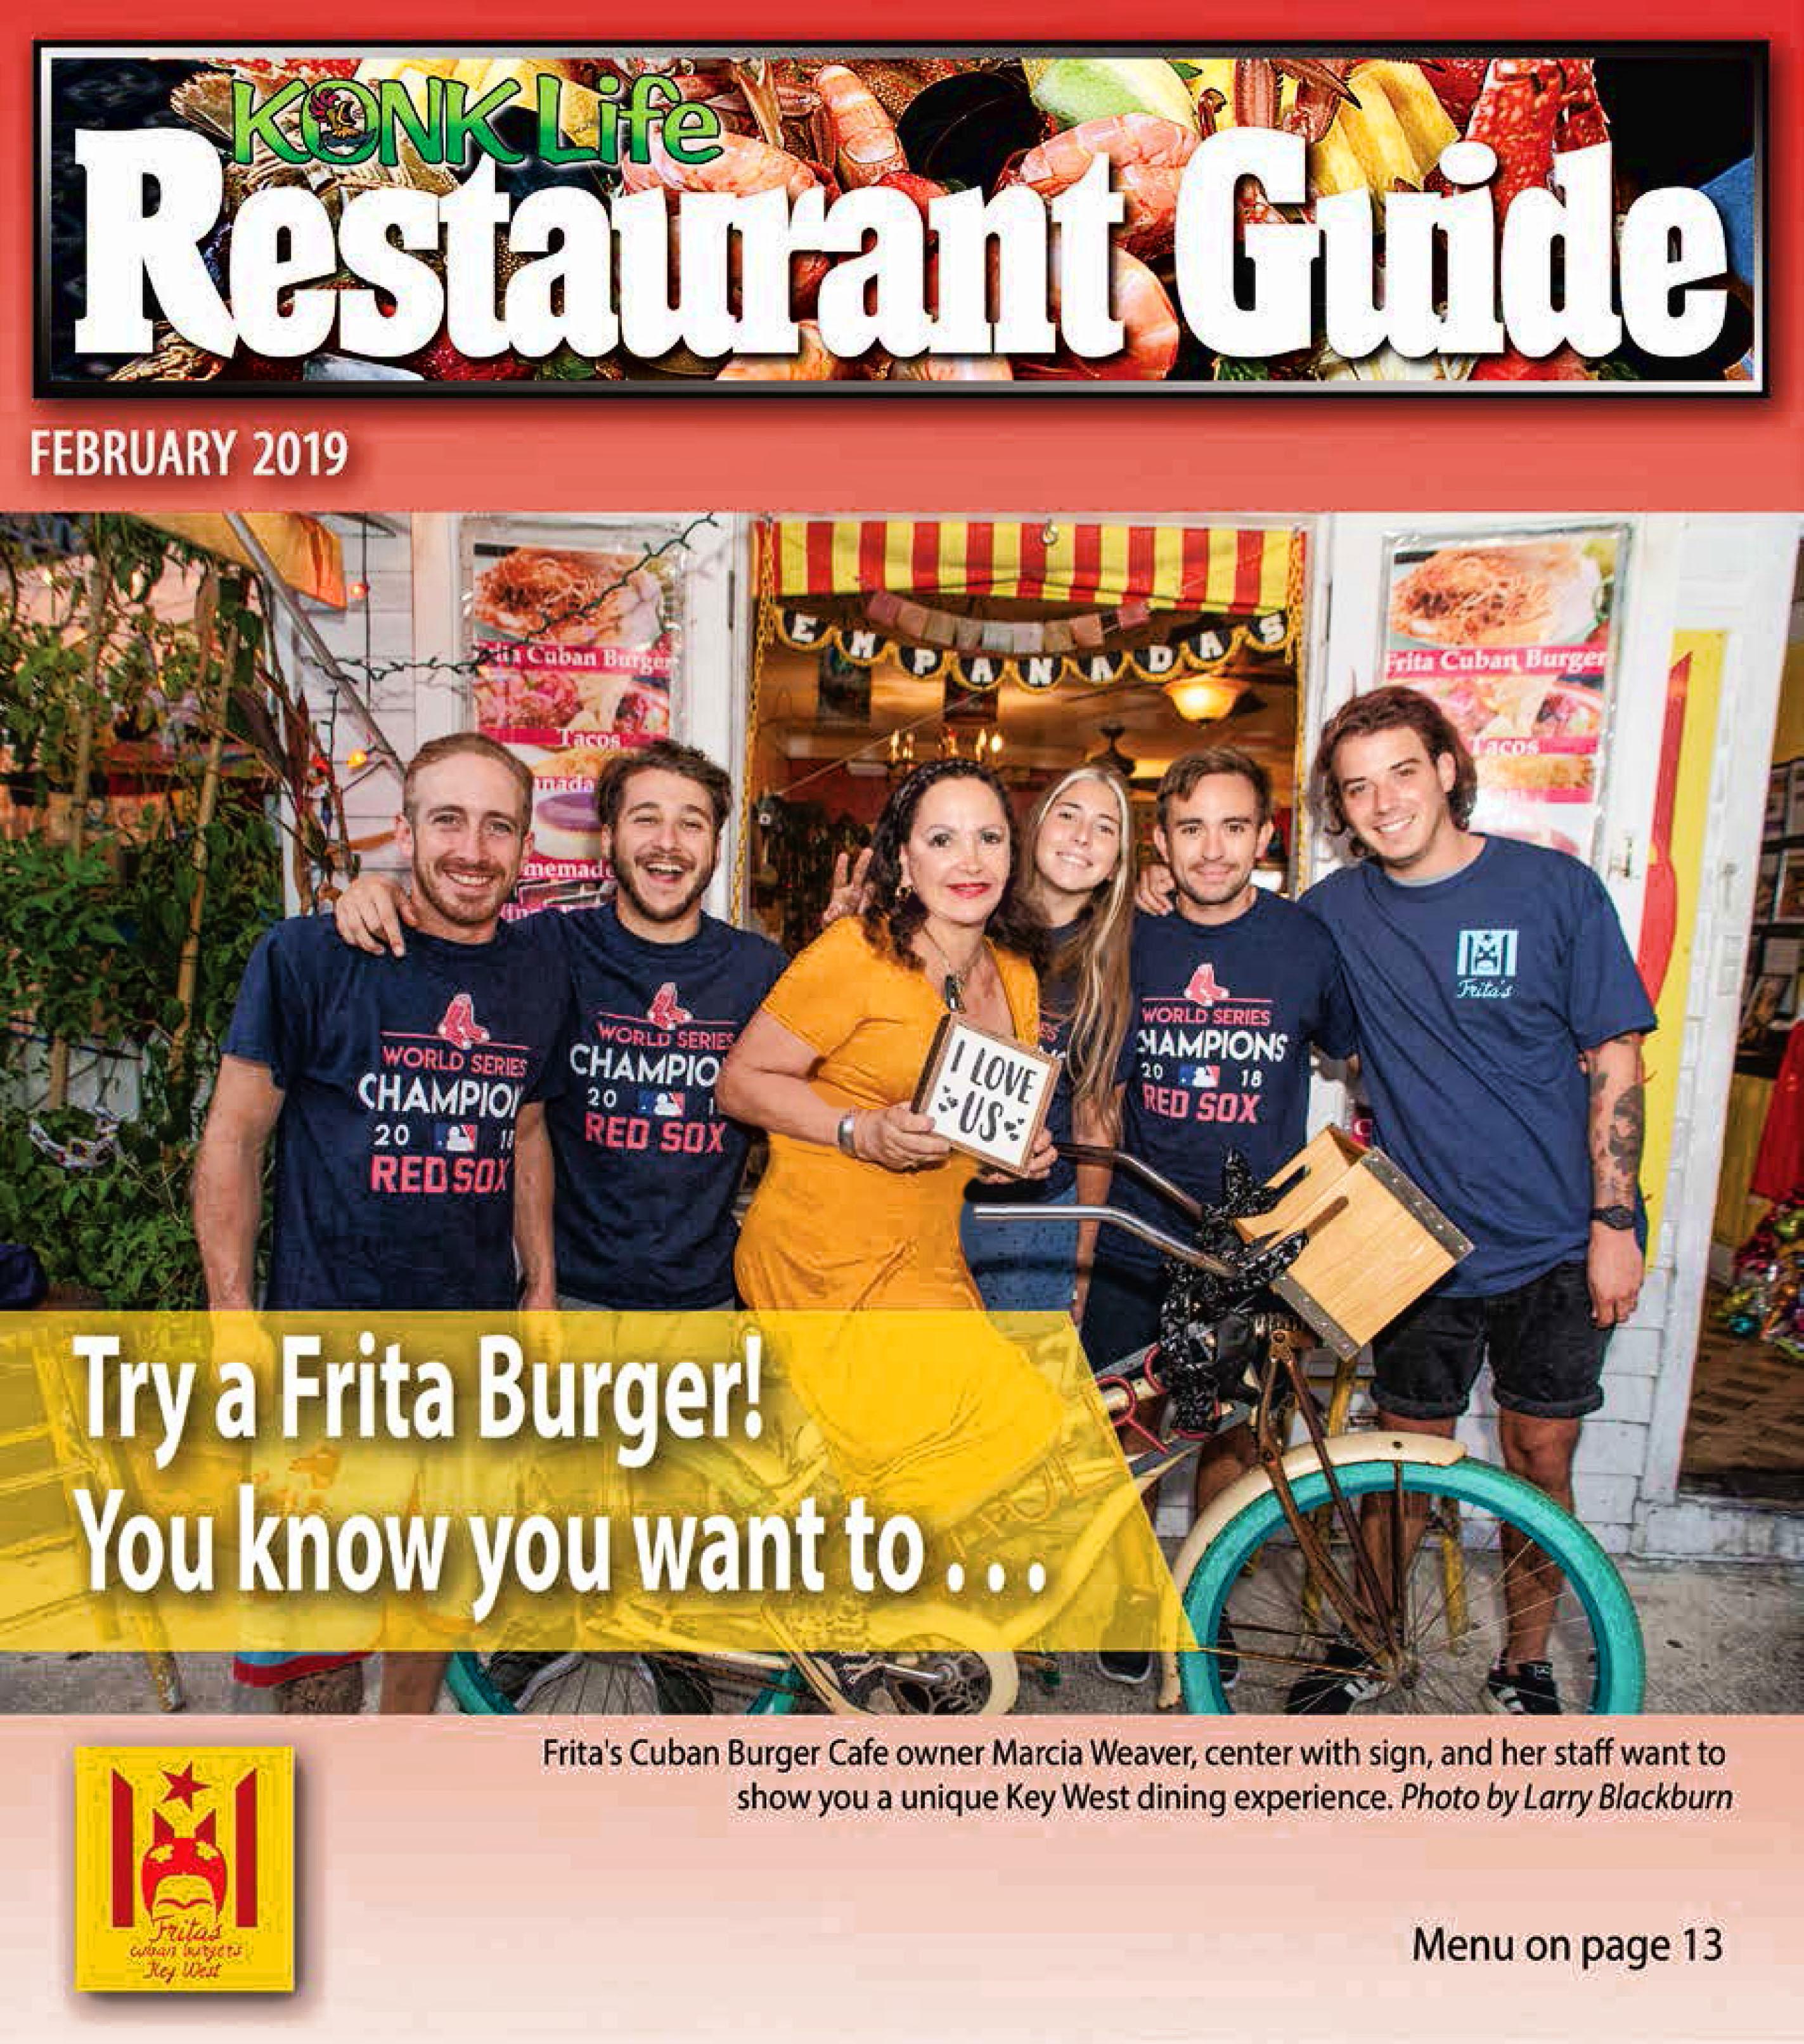 fritas front page konk life